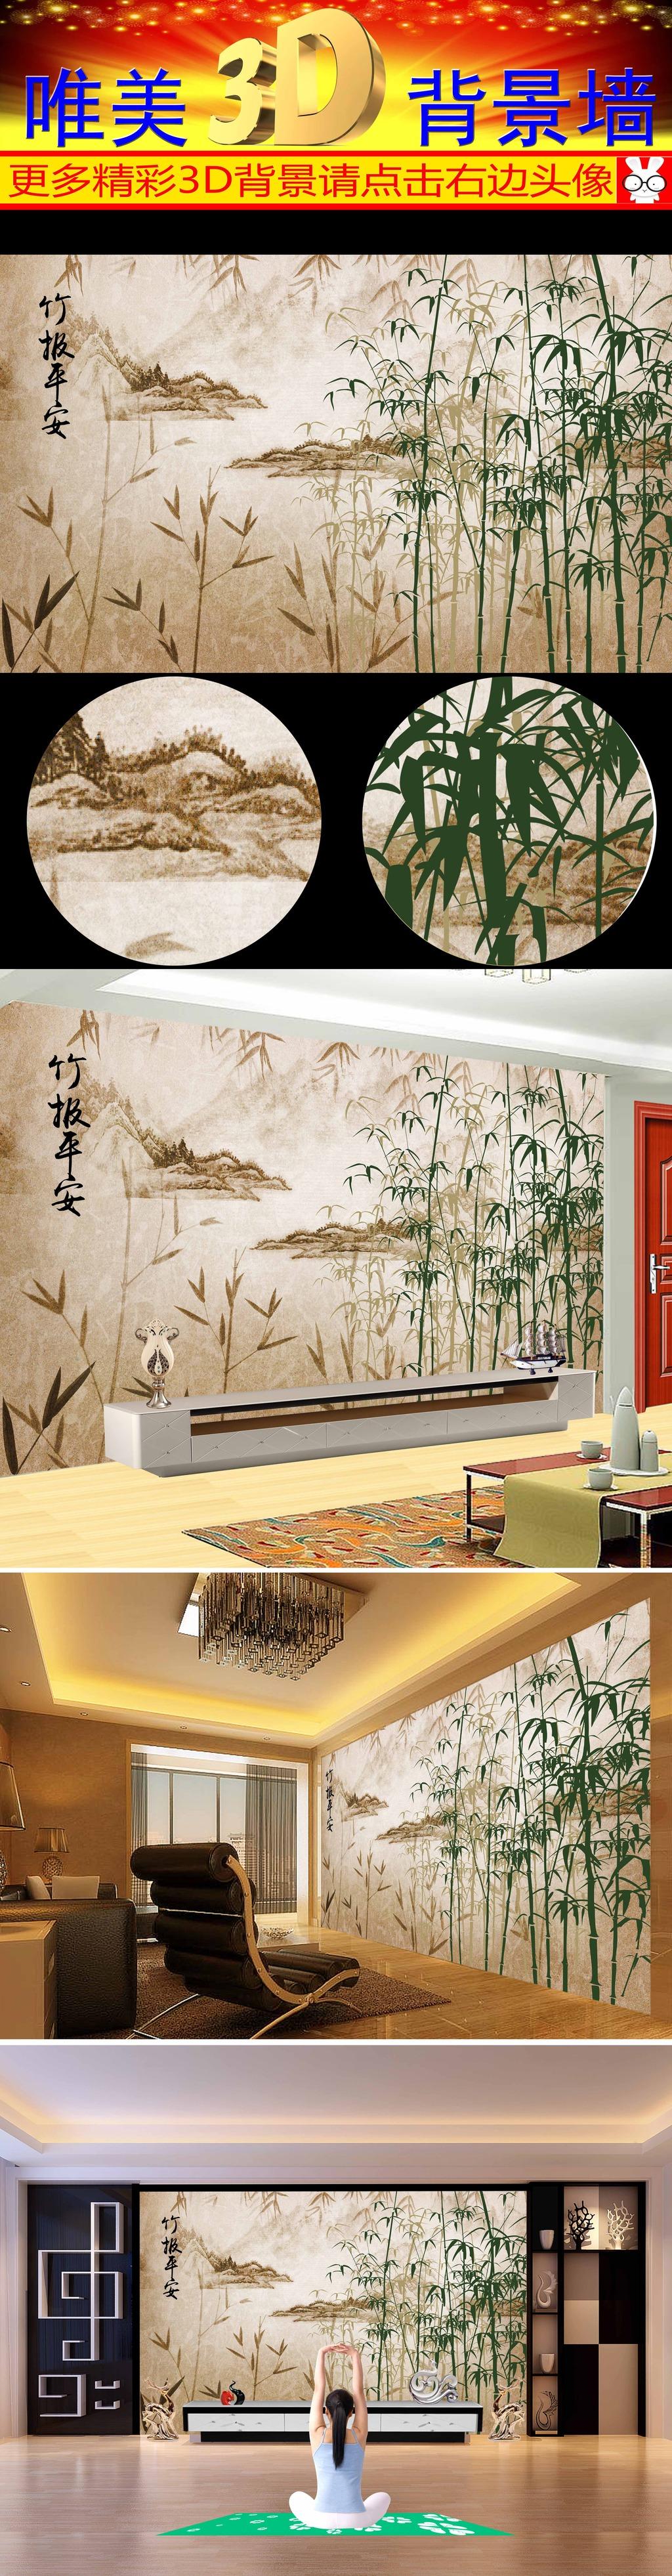 手绘竹子 水墨竹林 中国风壁画 书房壁画 电视壁画 客厅背景墙 竹报